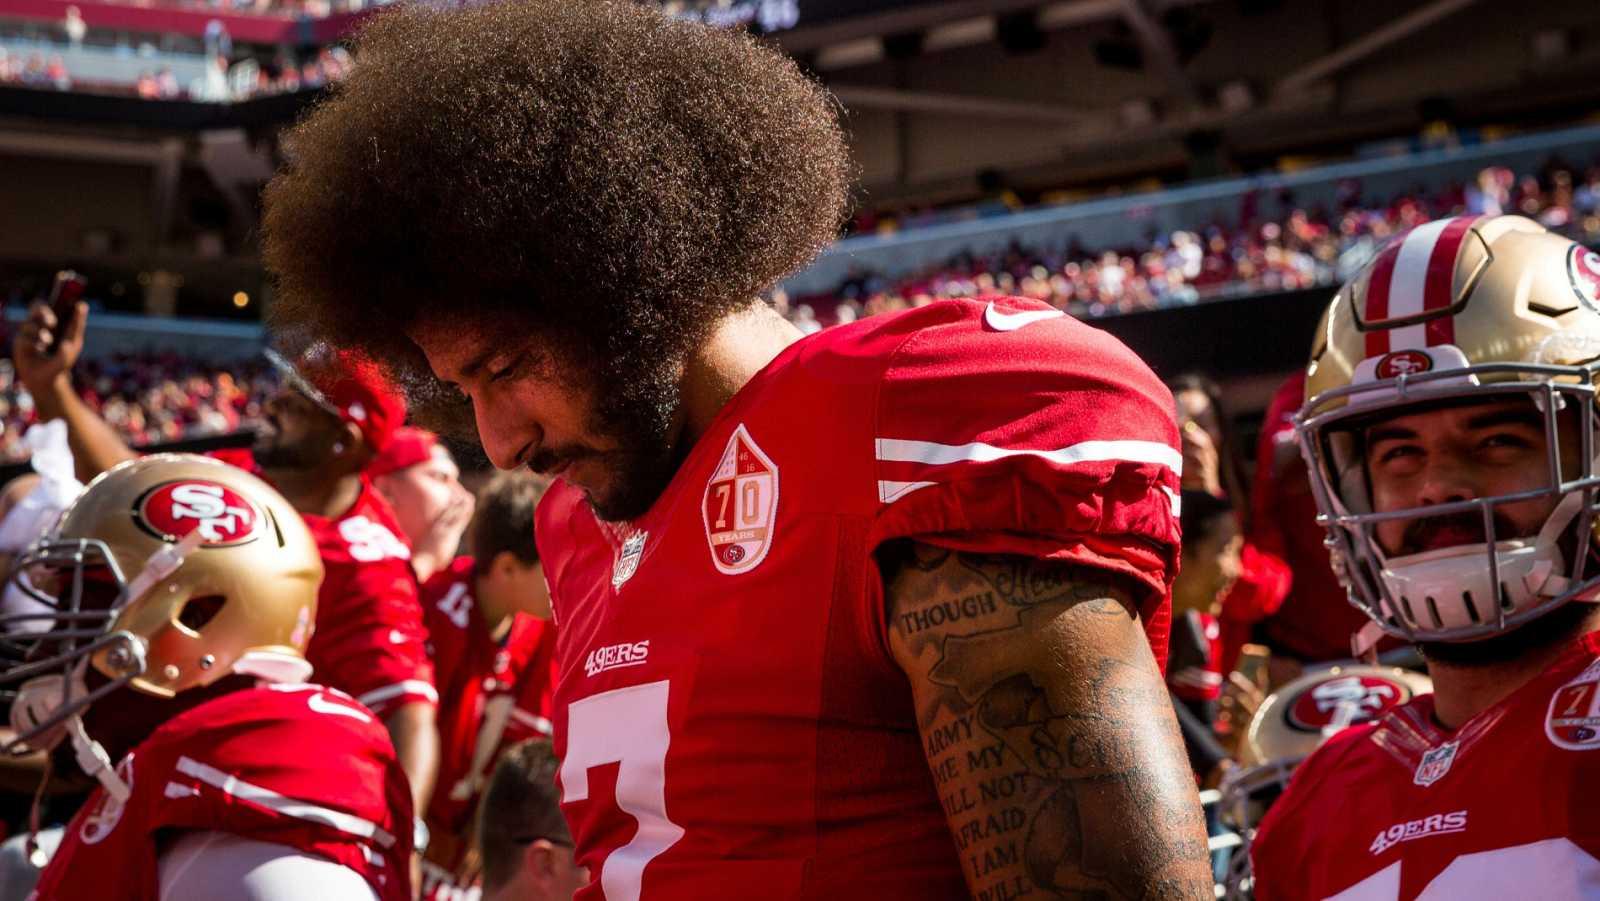 Vídoe: El deporte norteamericano sigue volcado contra el racismo tras la muerte de George Floyd